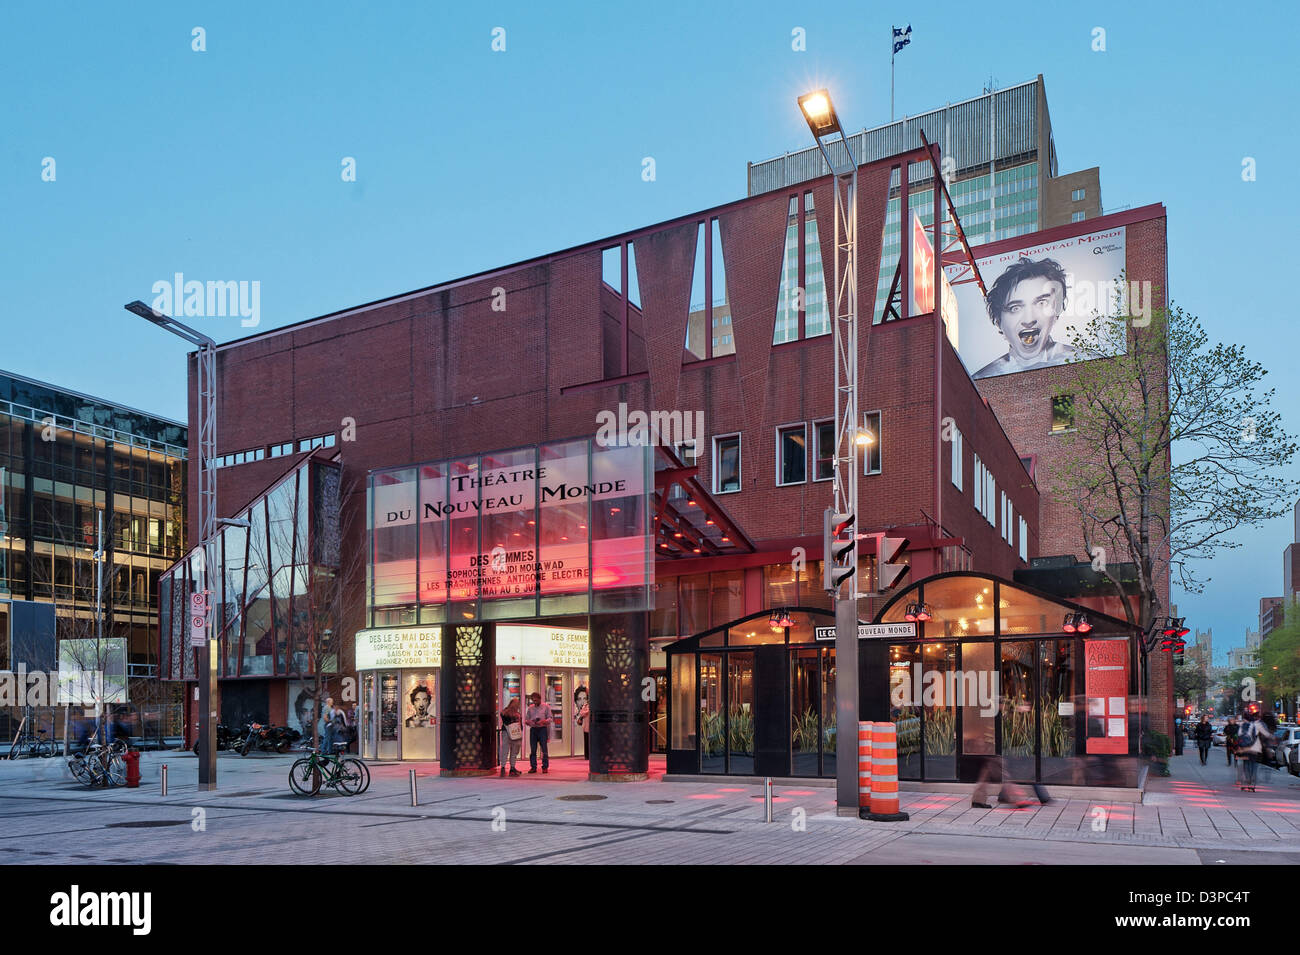 Theatre du Nouveau Monde, Quartier des Spectacles, Place des Arts, downtown montreal, quebec, Canada - Stock Image